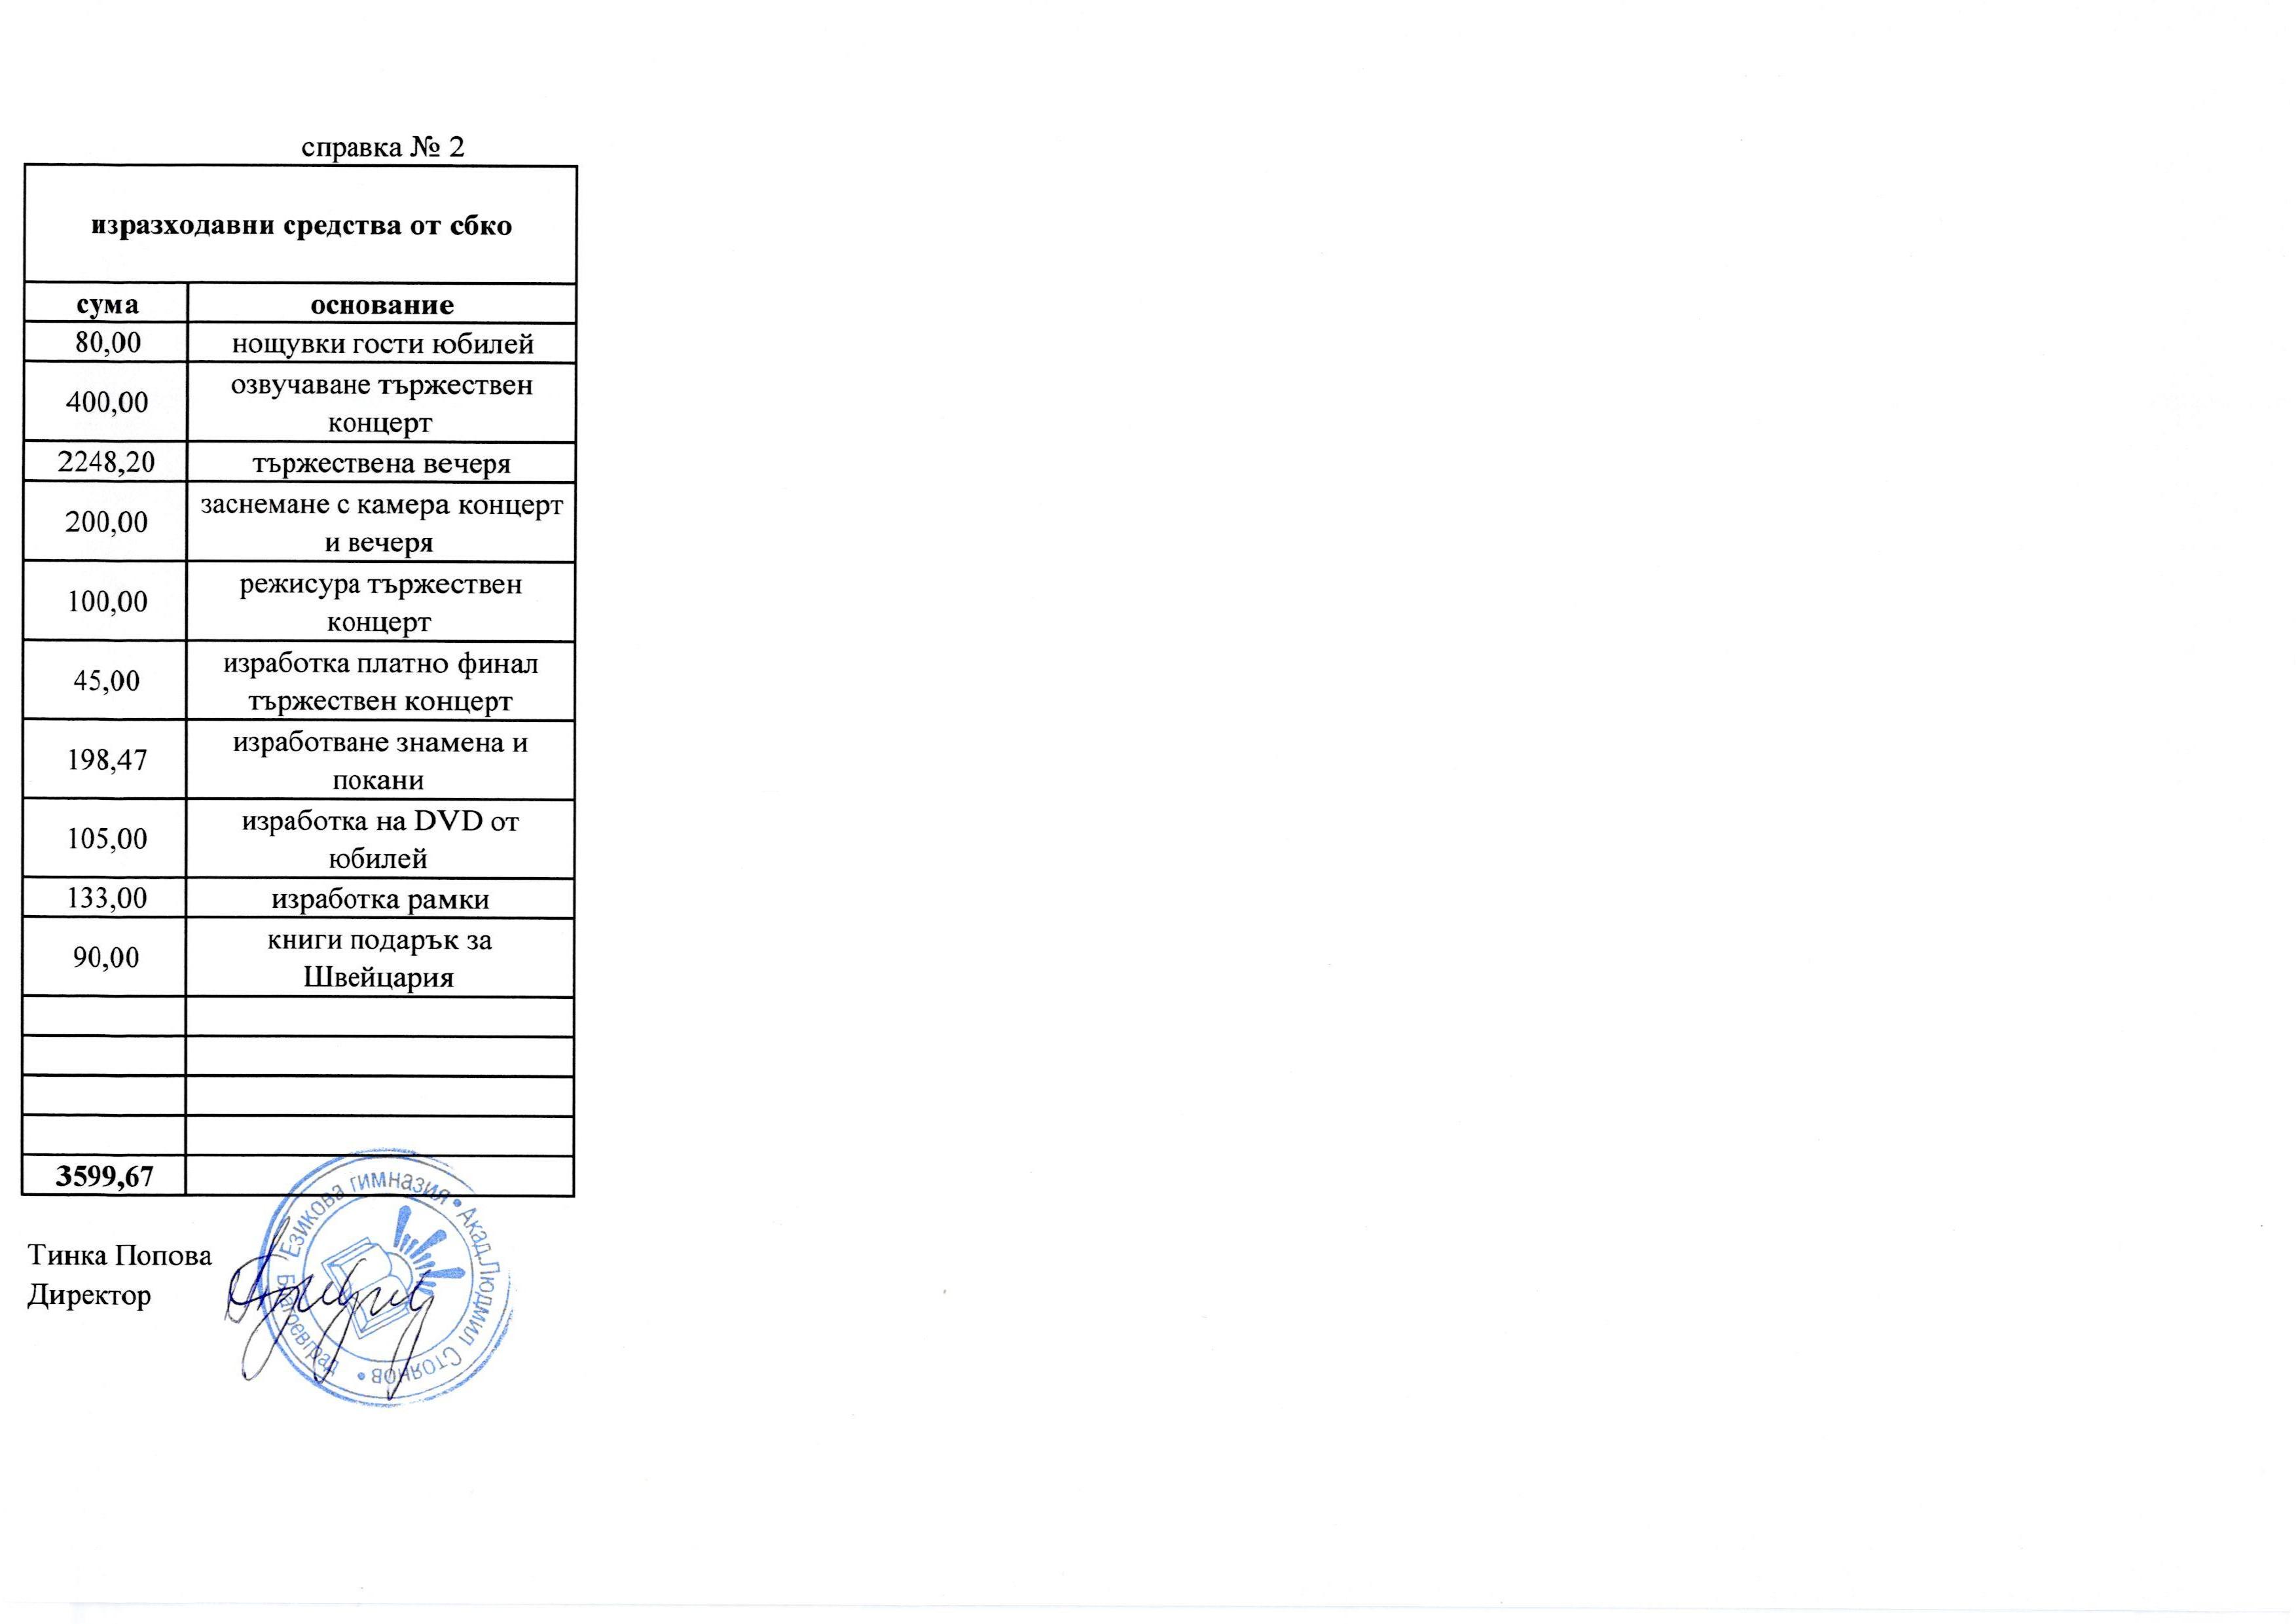 otchet 30.06.2014 Page 12